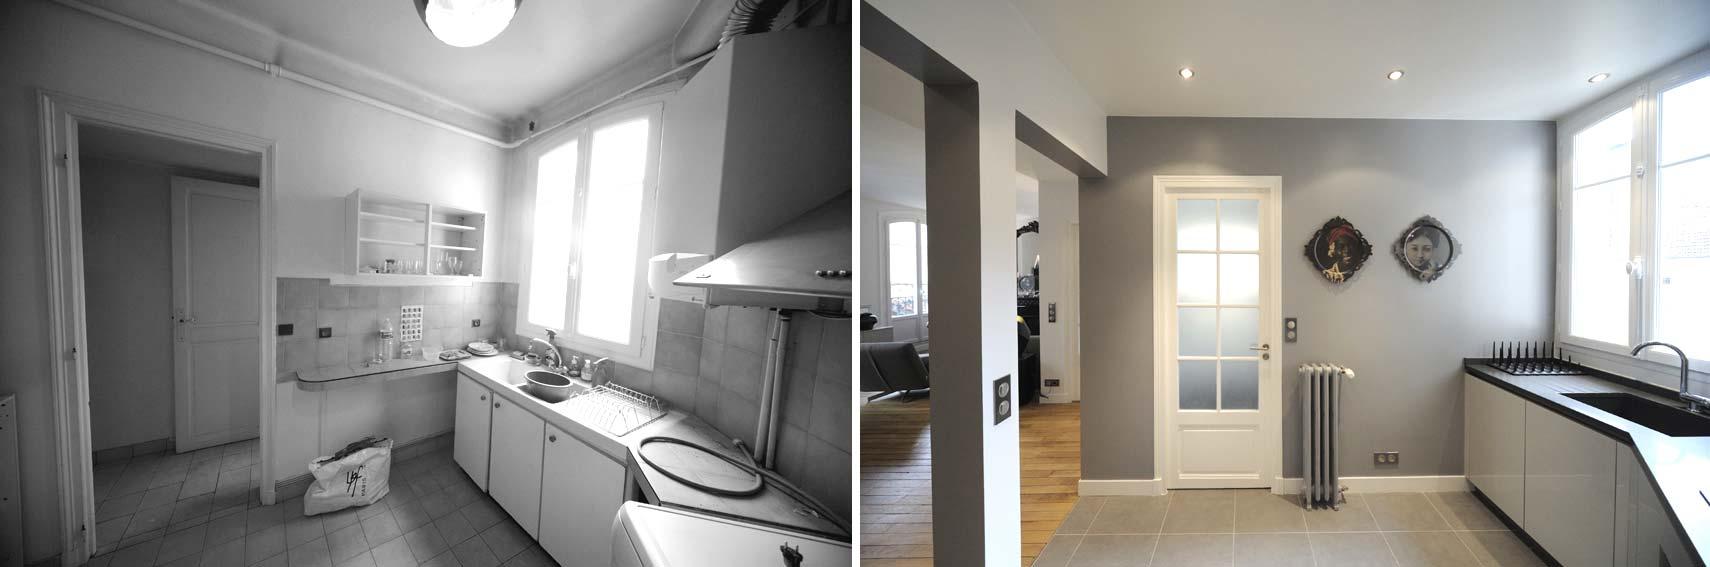 aménagement appartement avant après